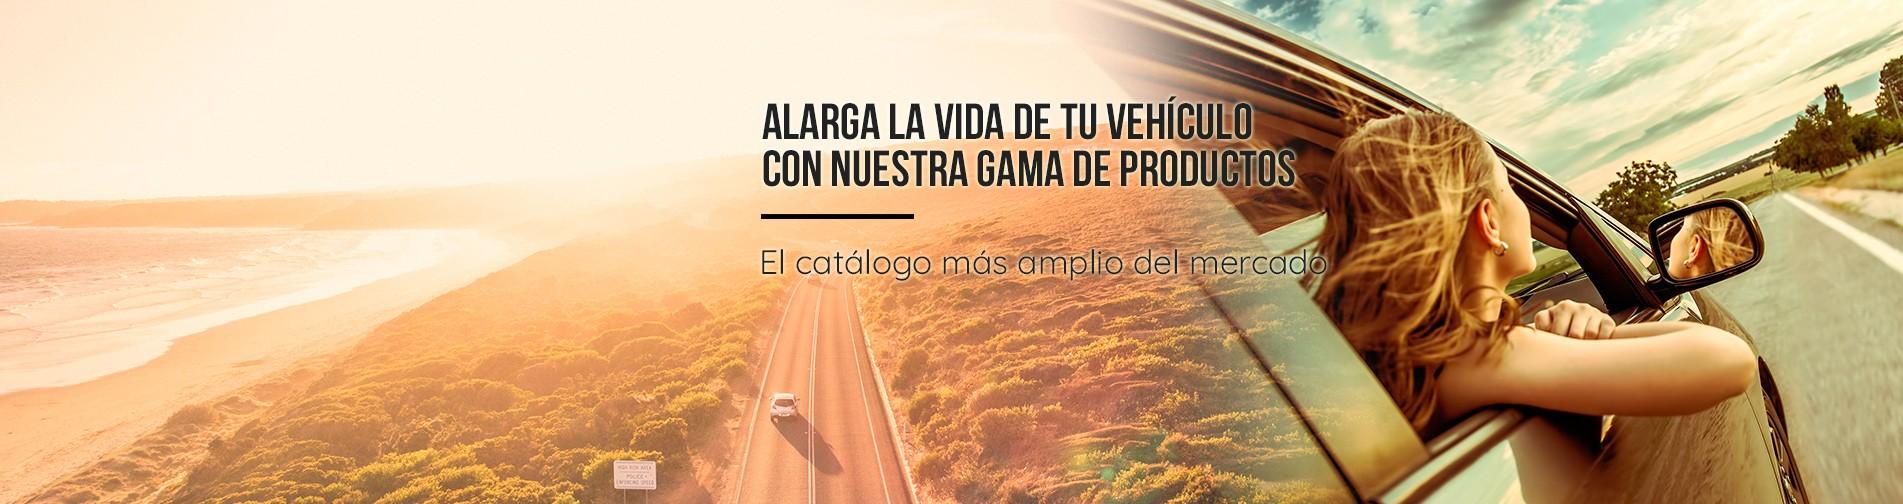 Alarga la vida de tu vehículo con nuestros productos